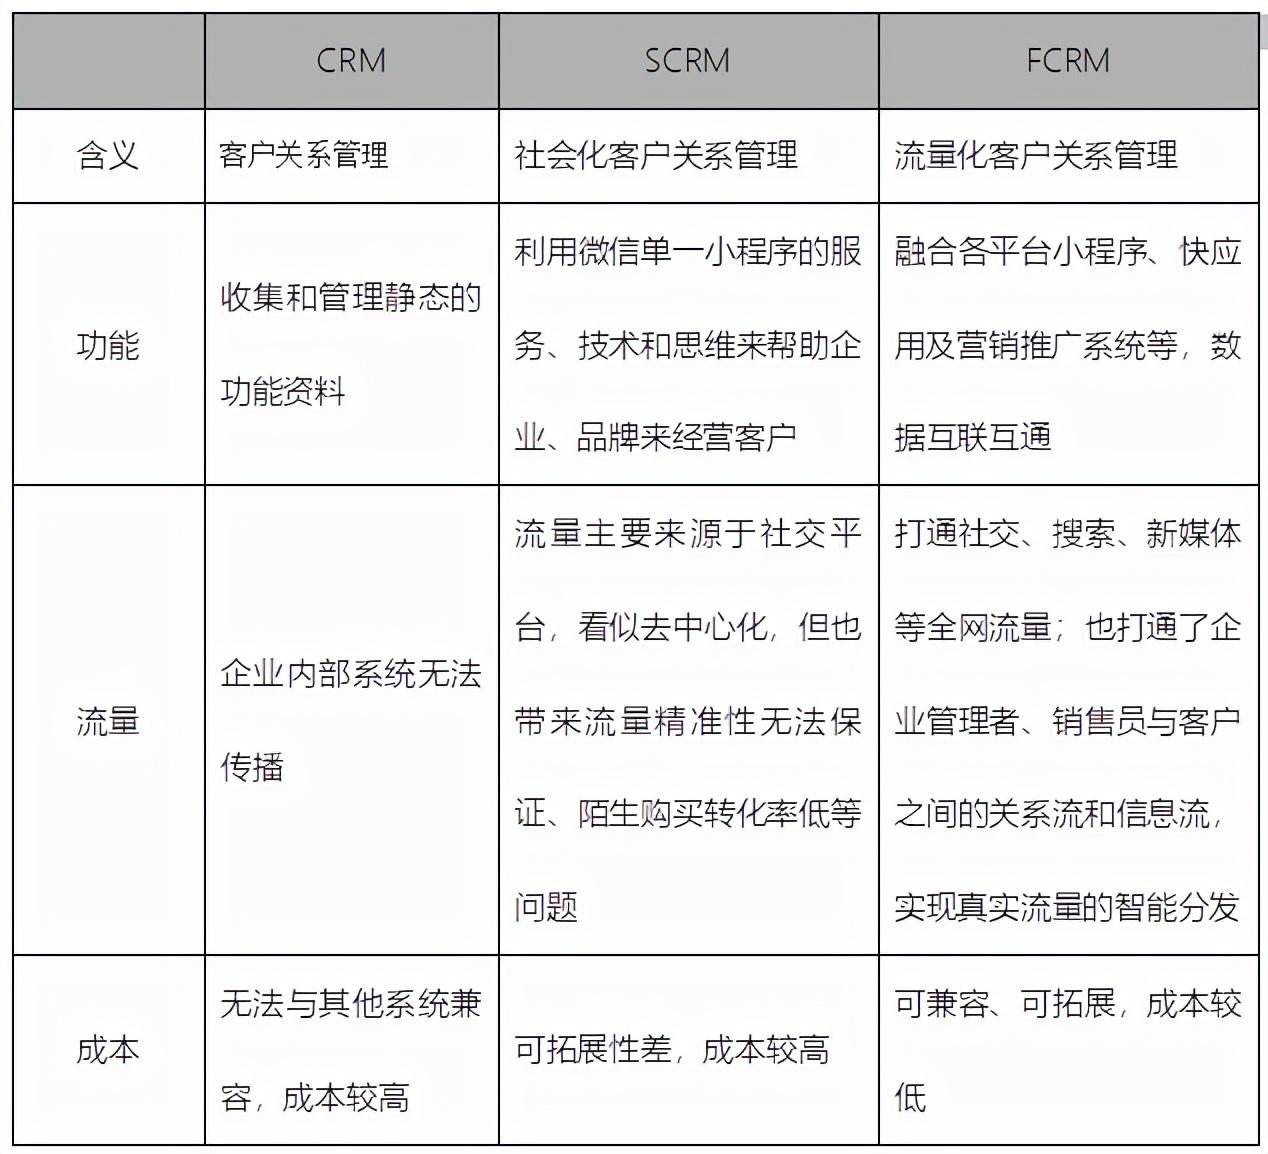 私域流量时代,FCRM为什么比CRM、SCRM有优势?